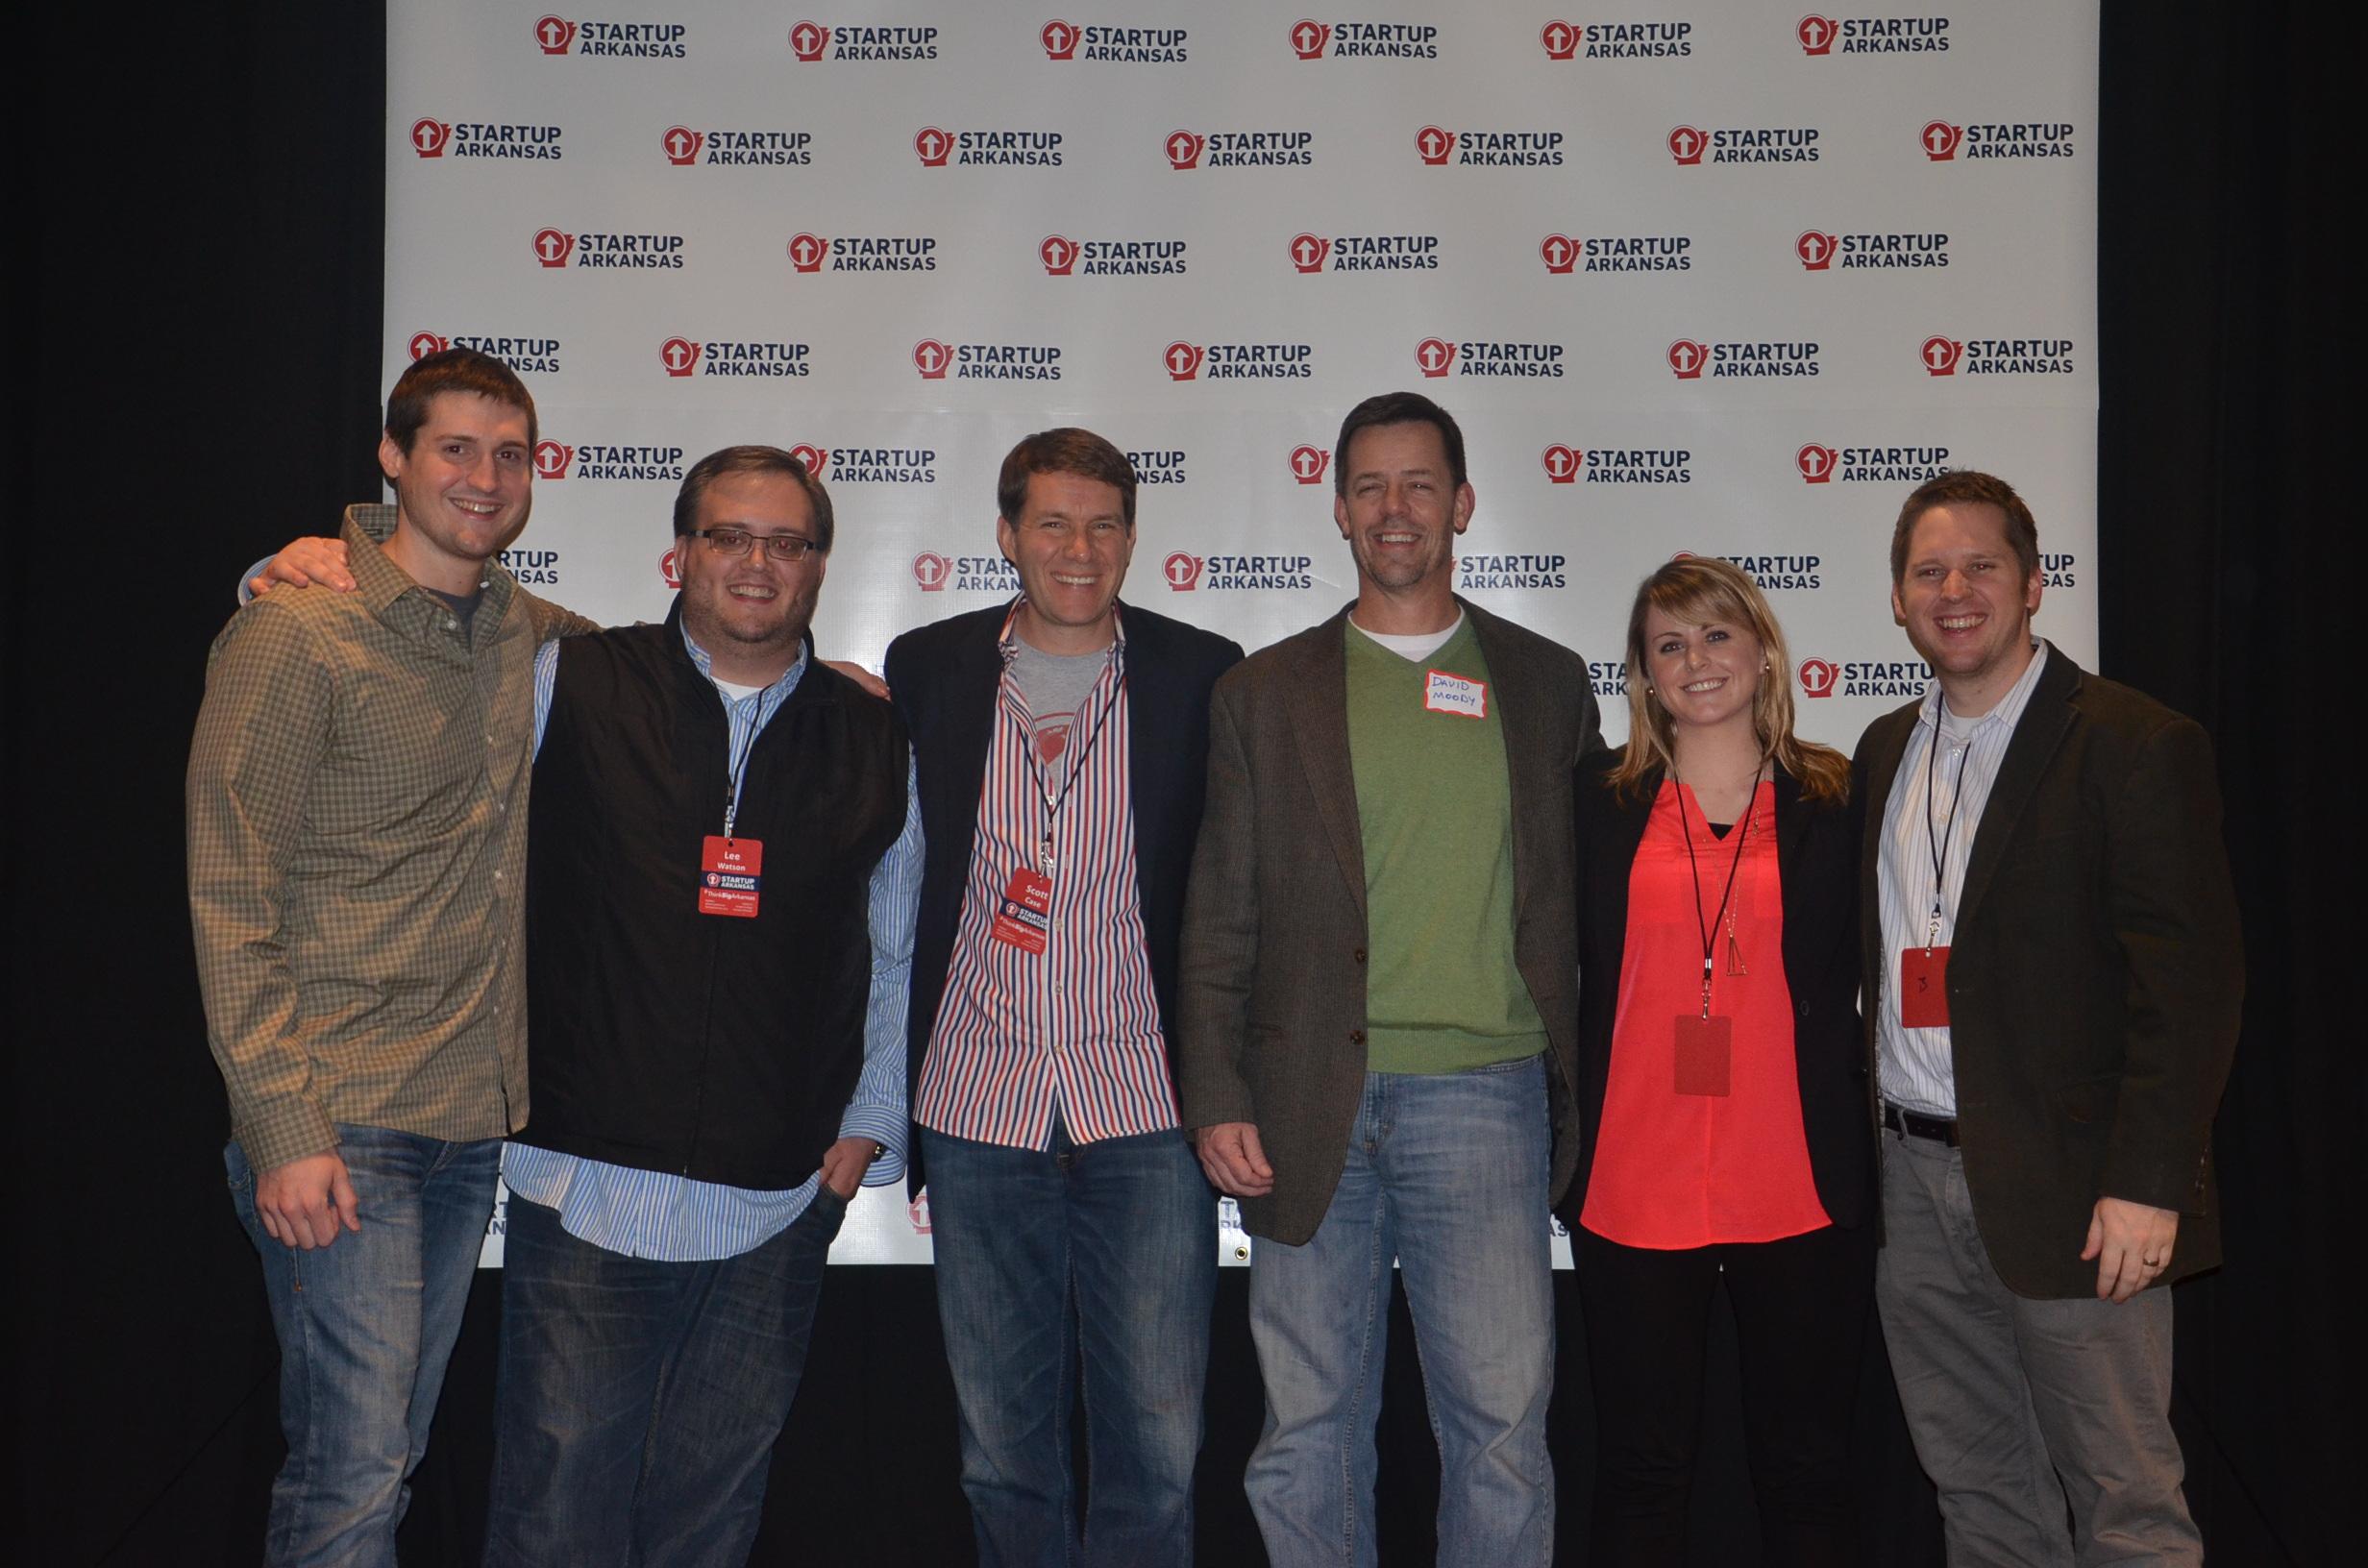 Startup Arkansas Champions